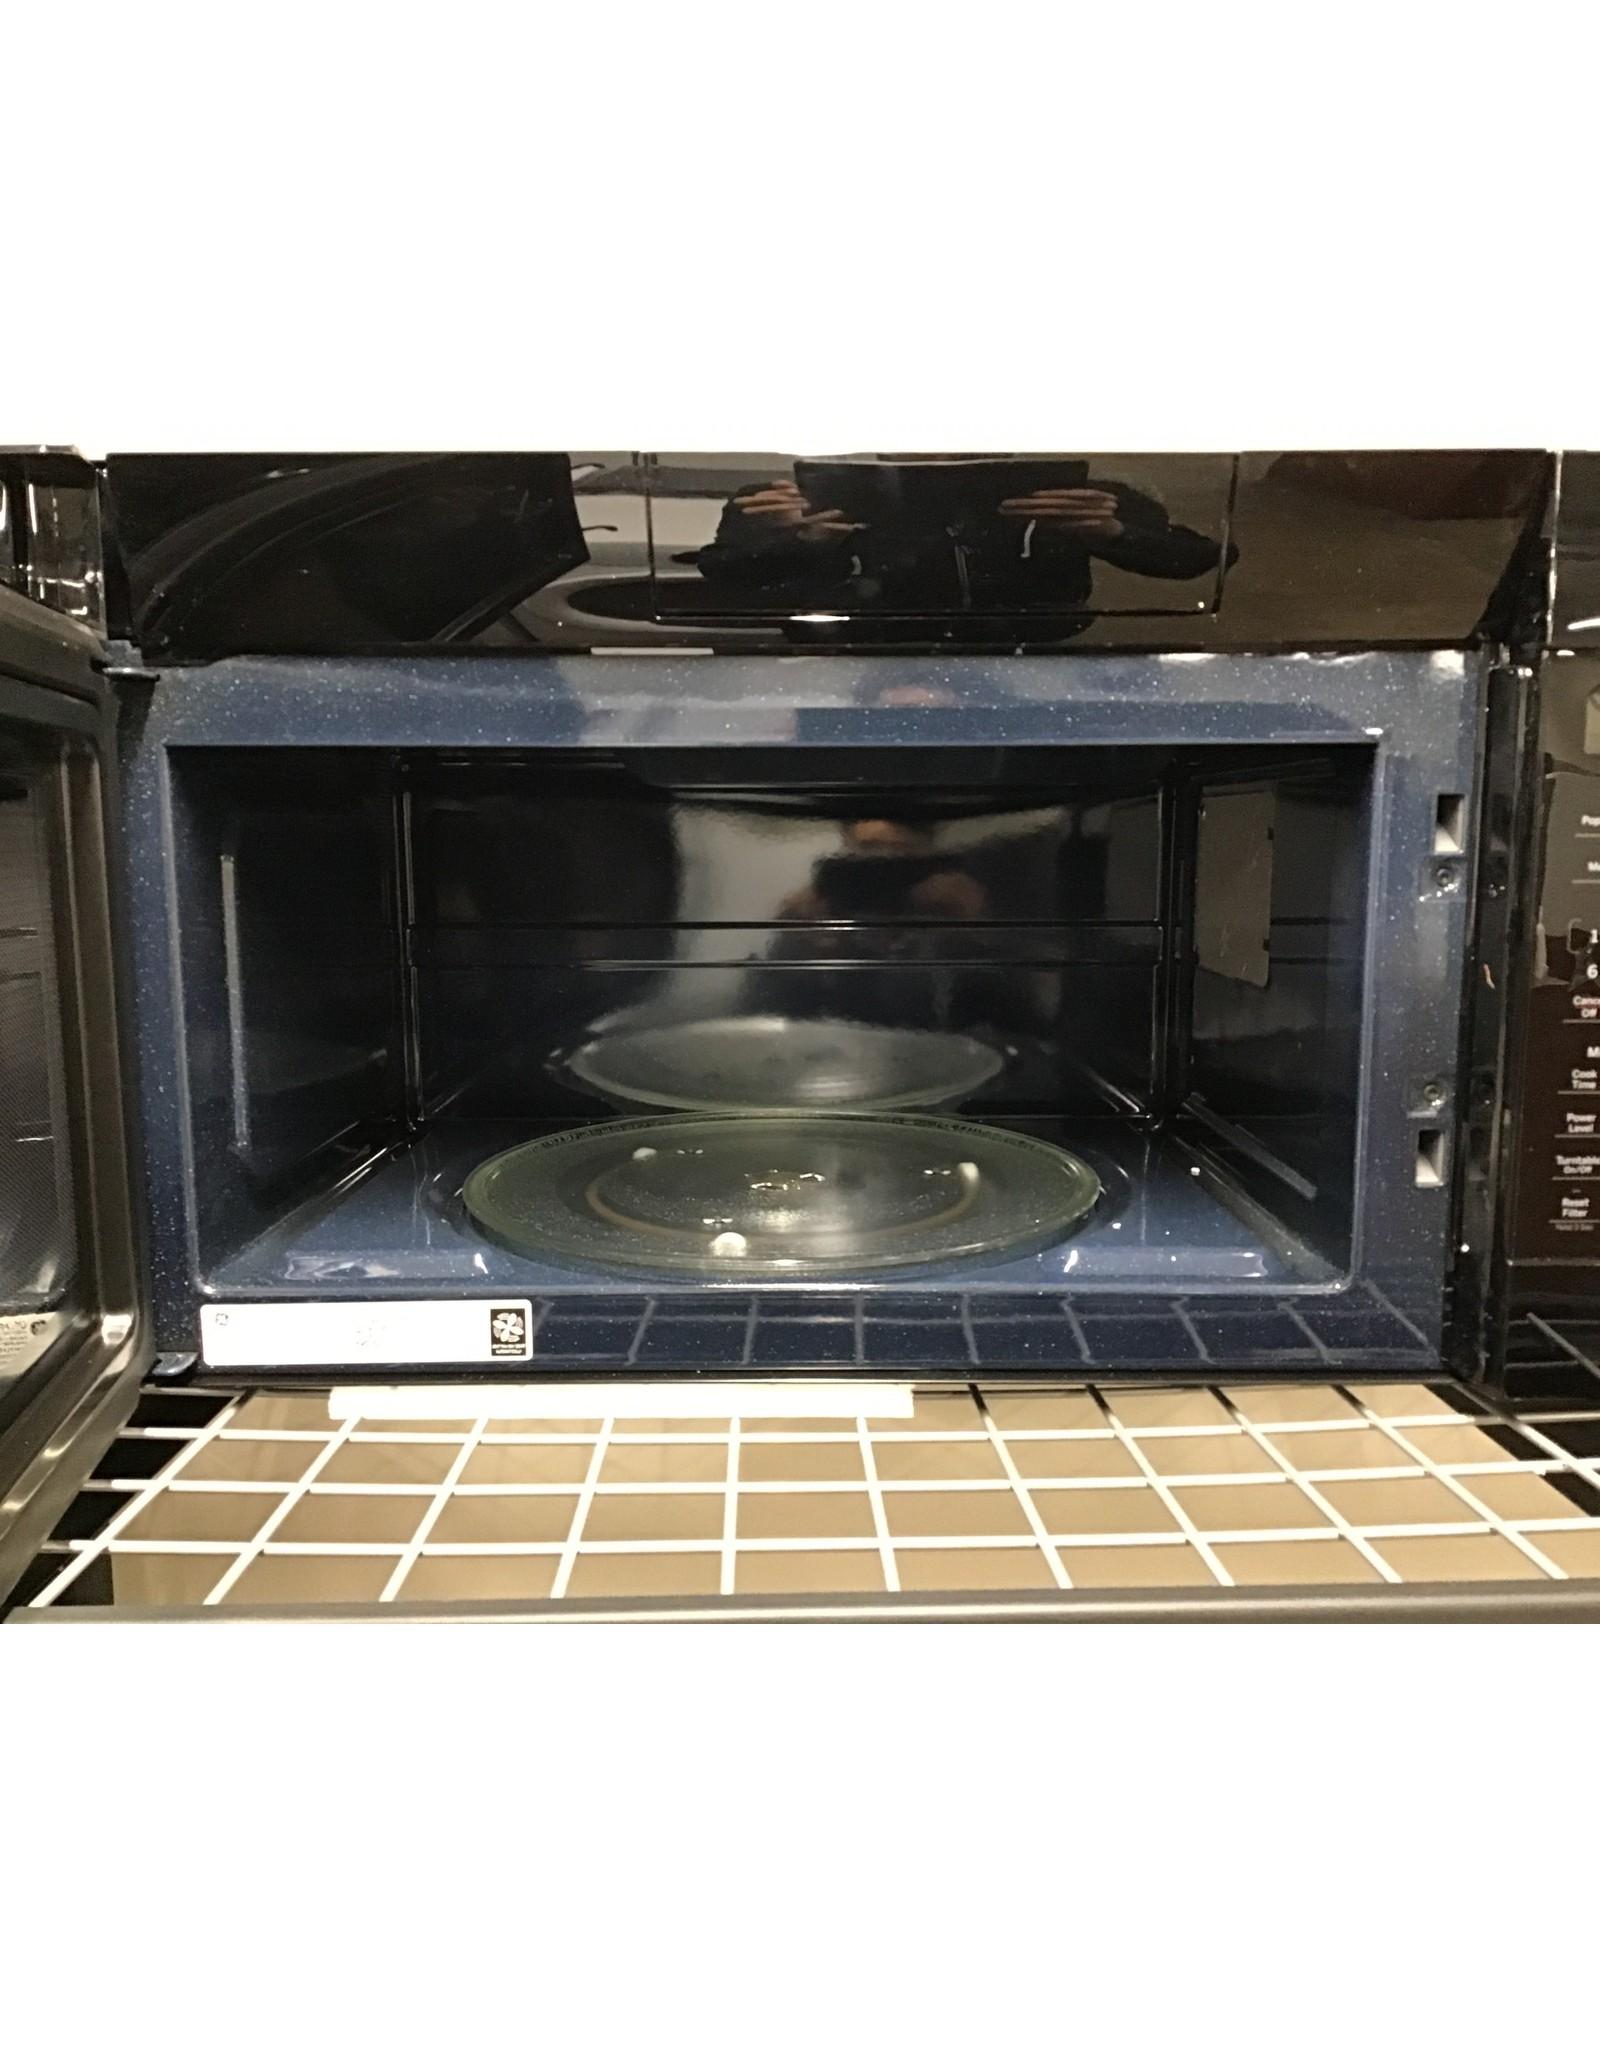 GE GE microwave OTR